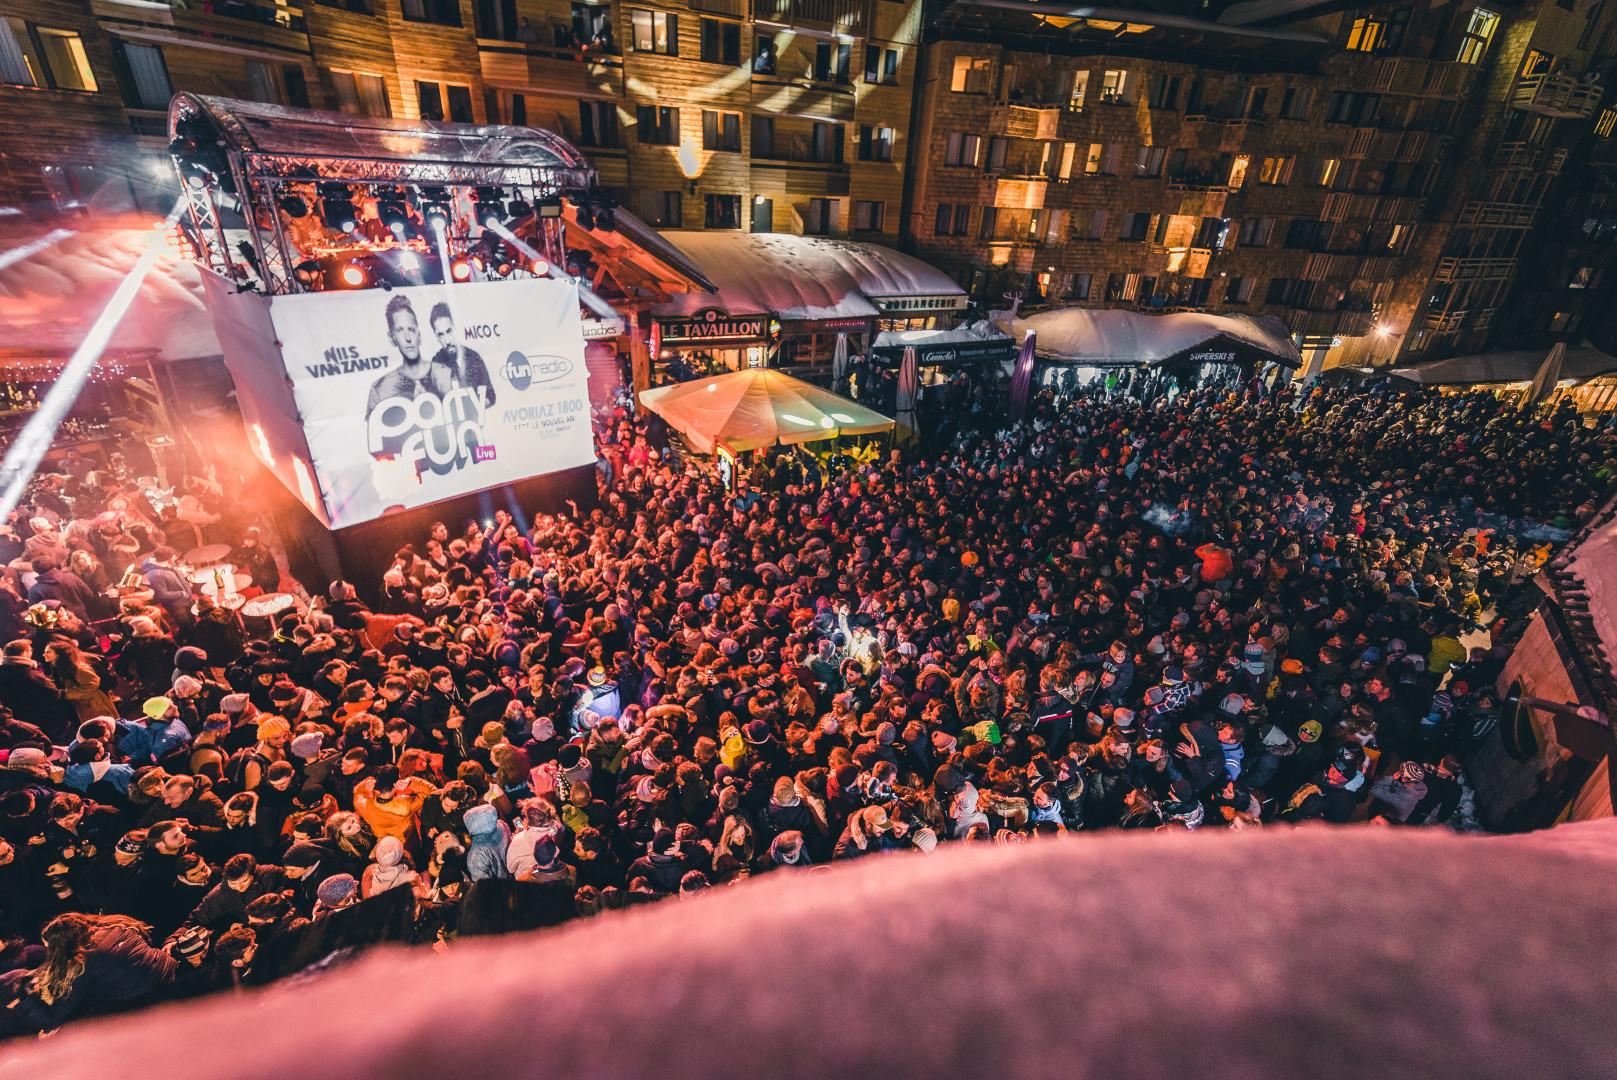 La foule au Party Fun Live d'Avoriaz 1800